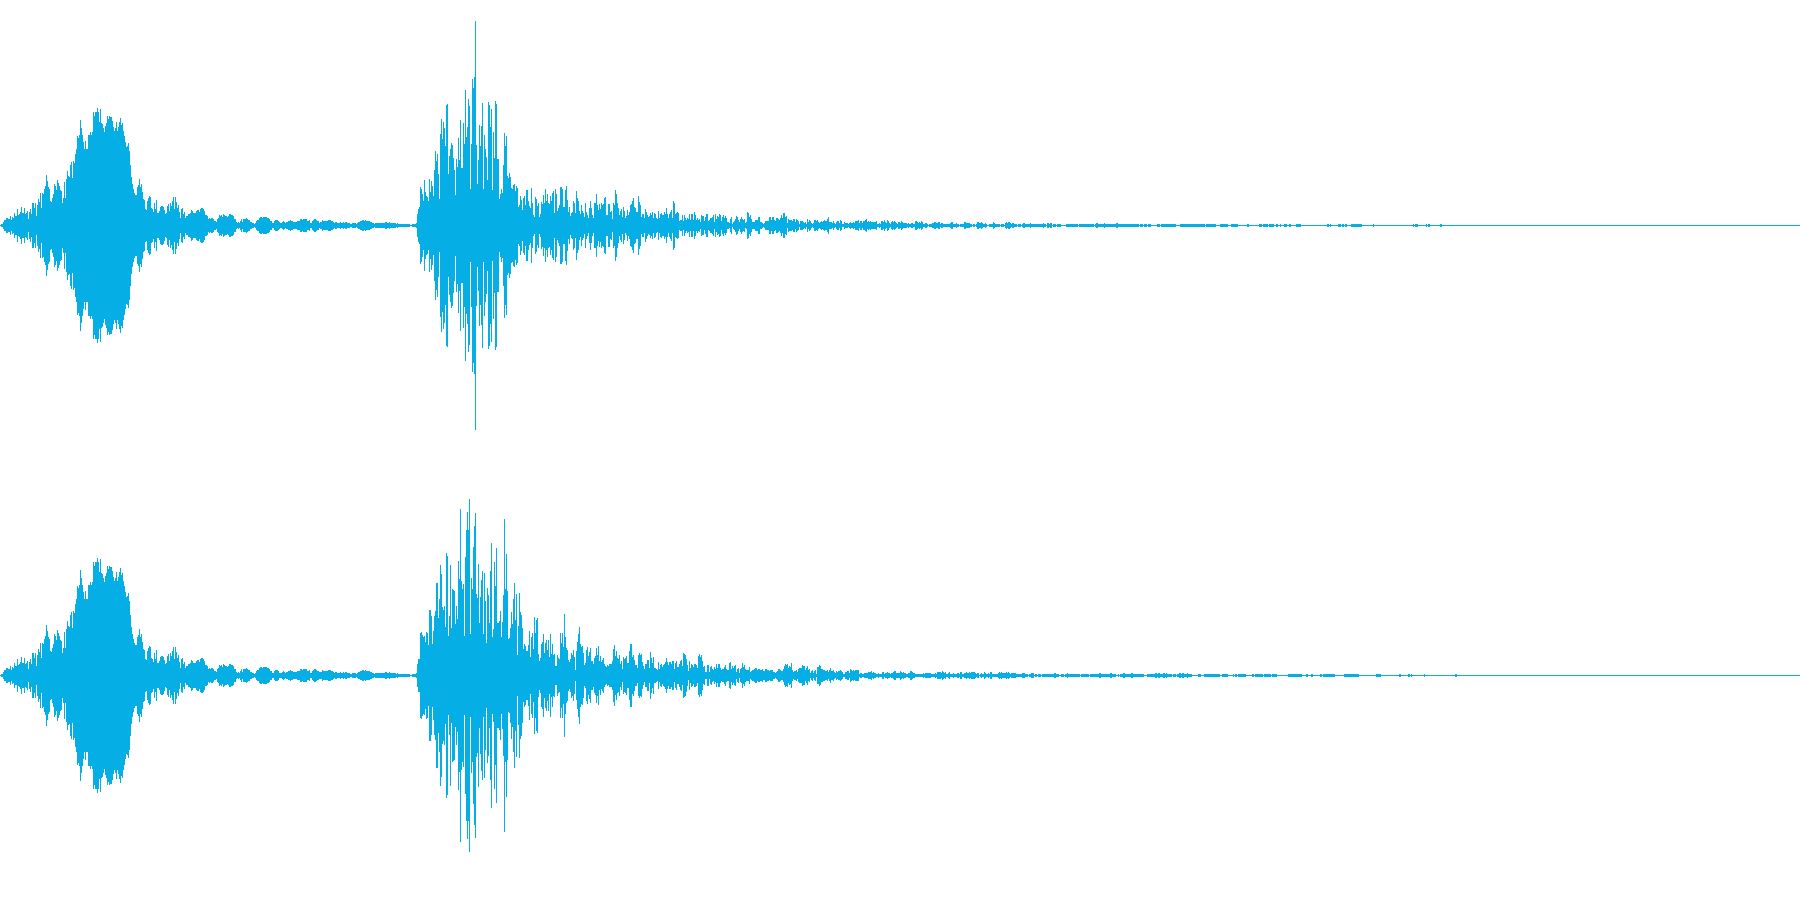 「おおっ・・・ドドン!」の再生済みの波形